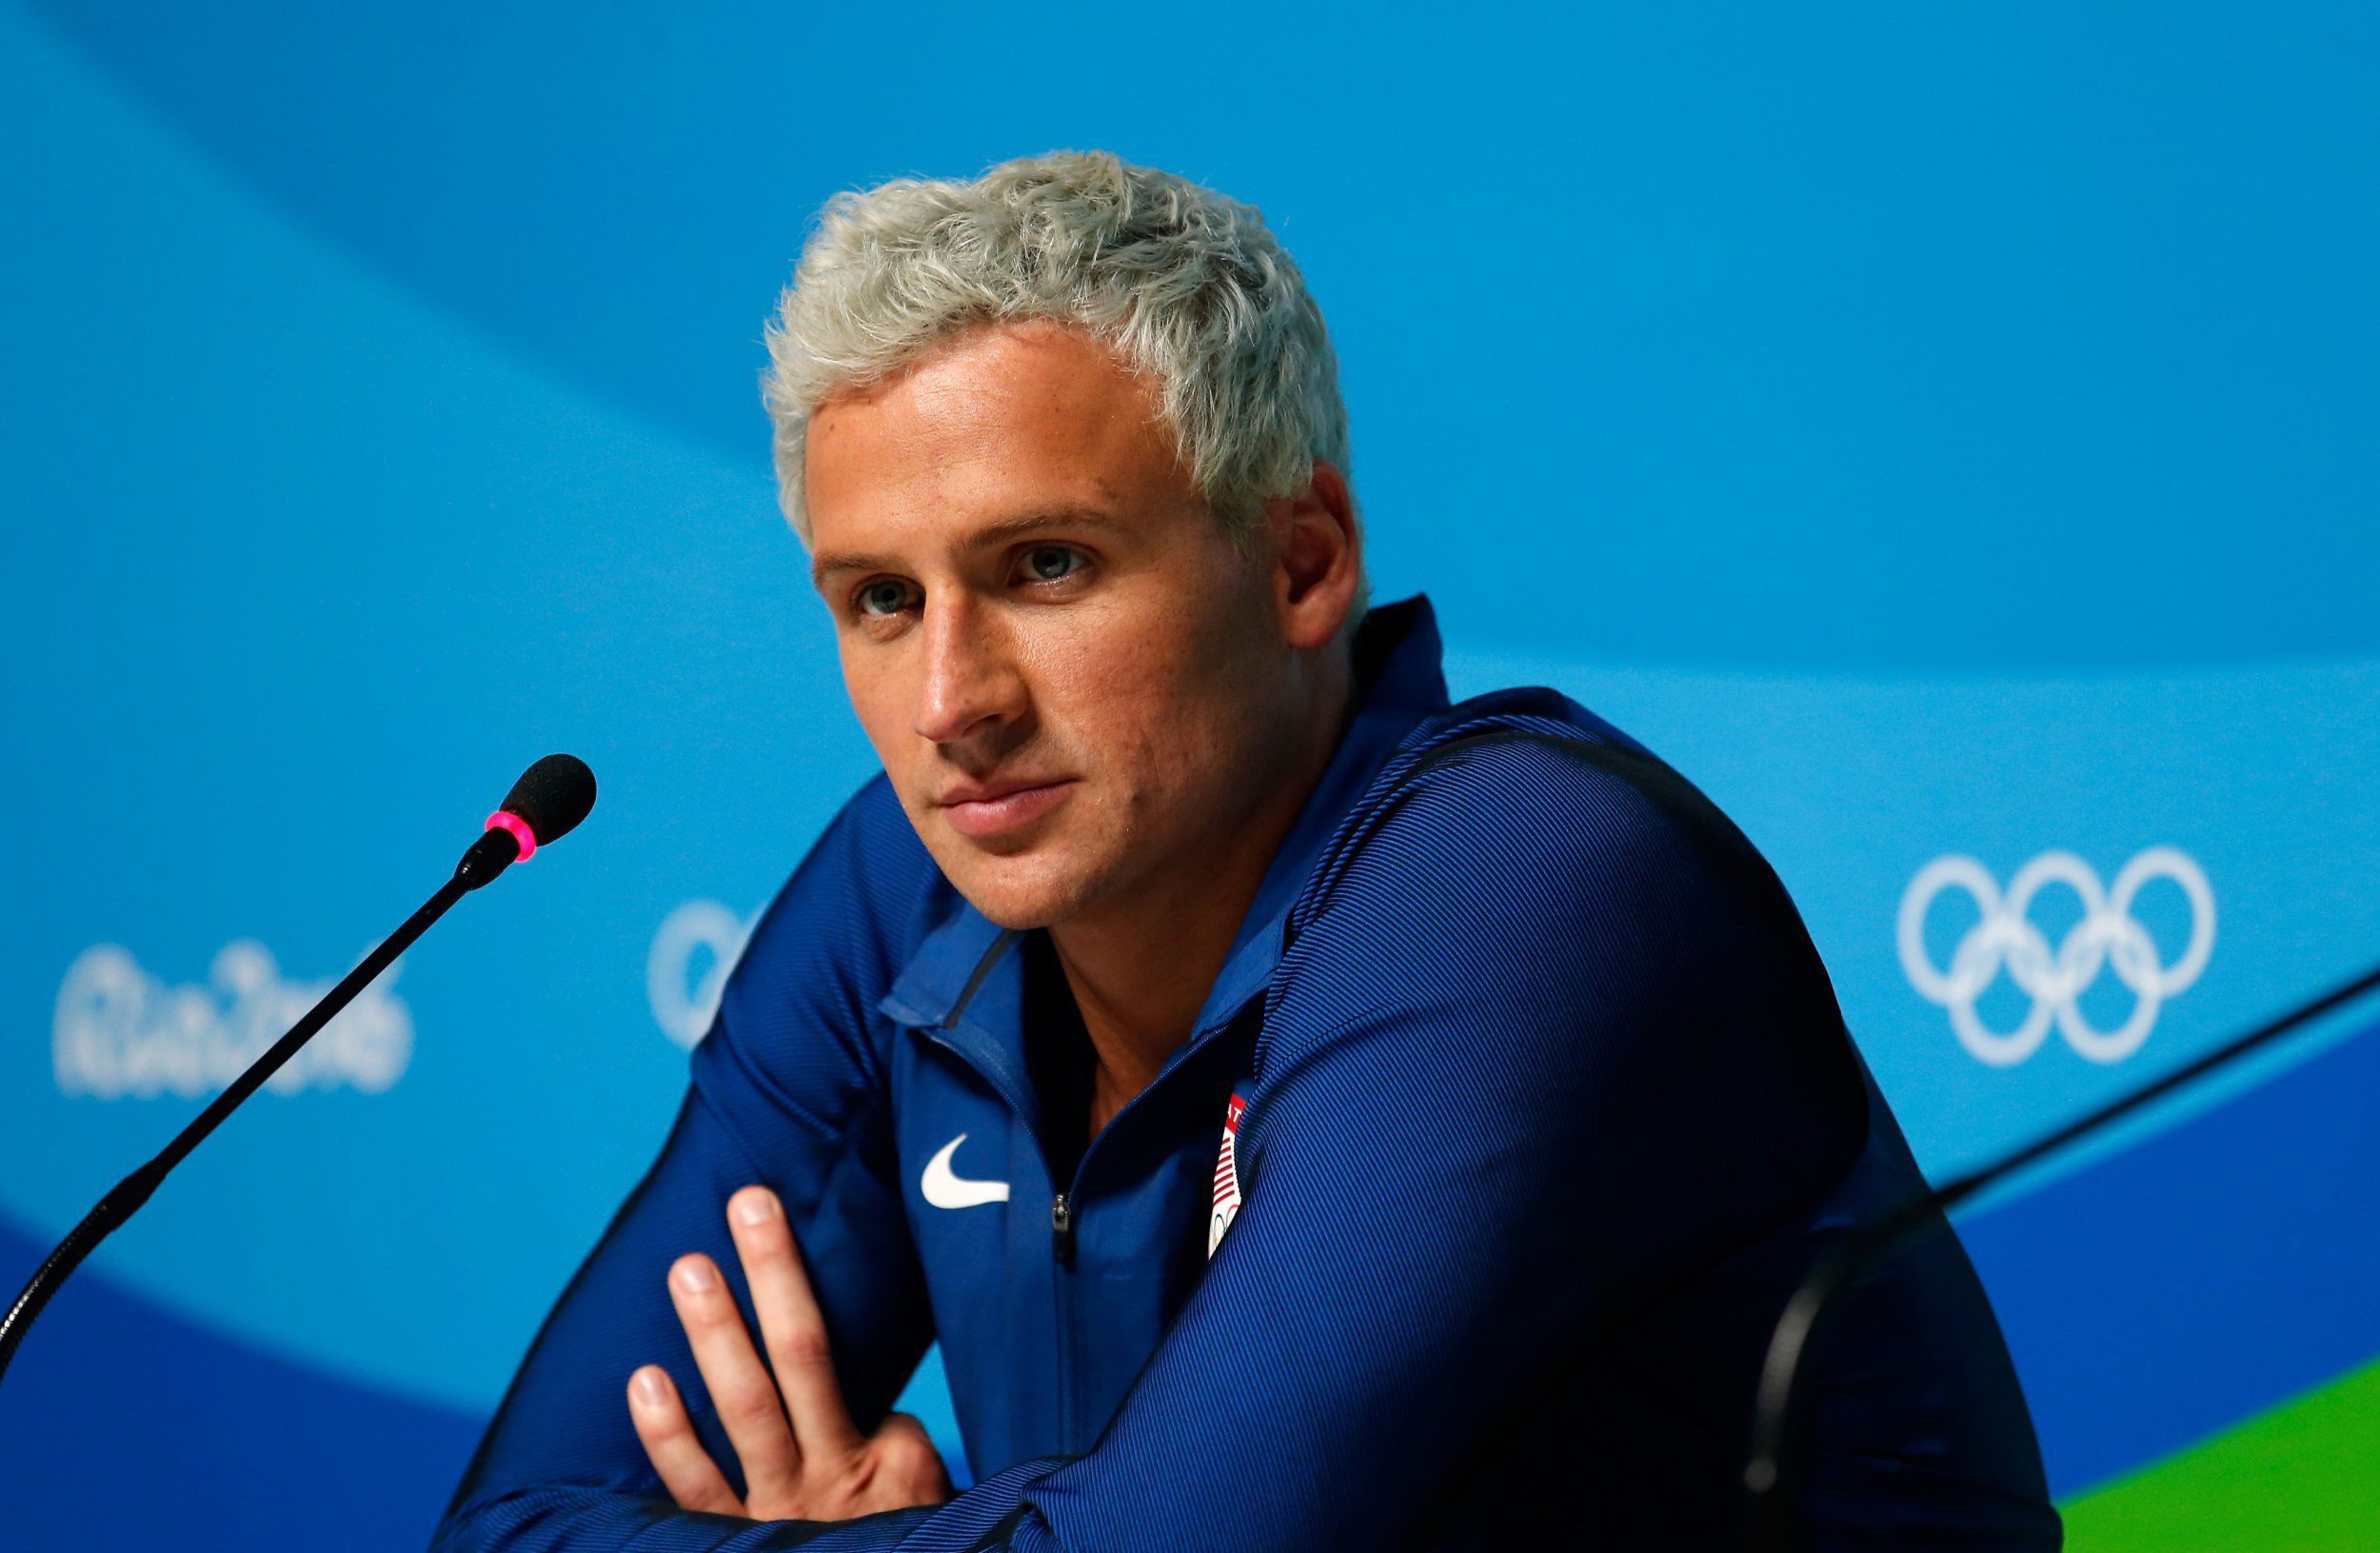 Yalancı Yüzücü Lochte, sponsorlarını kaybetti